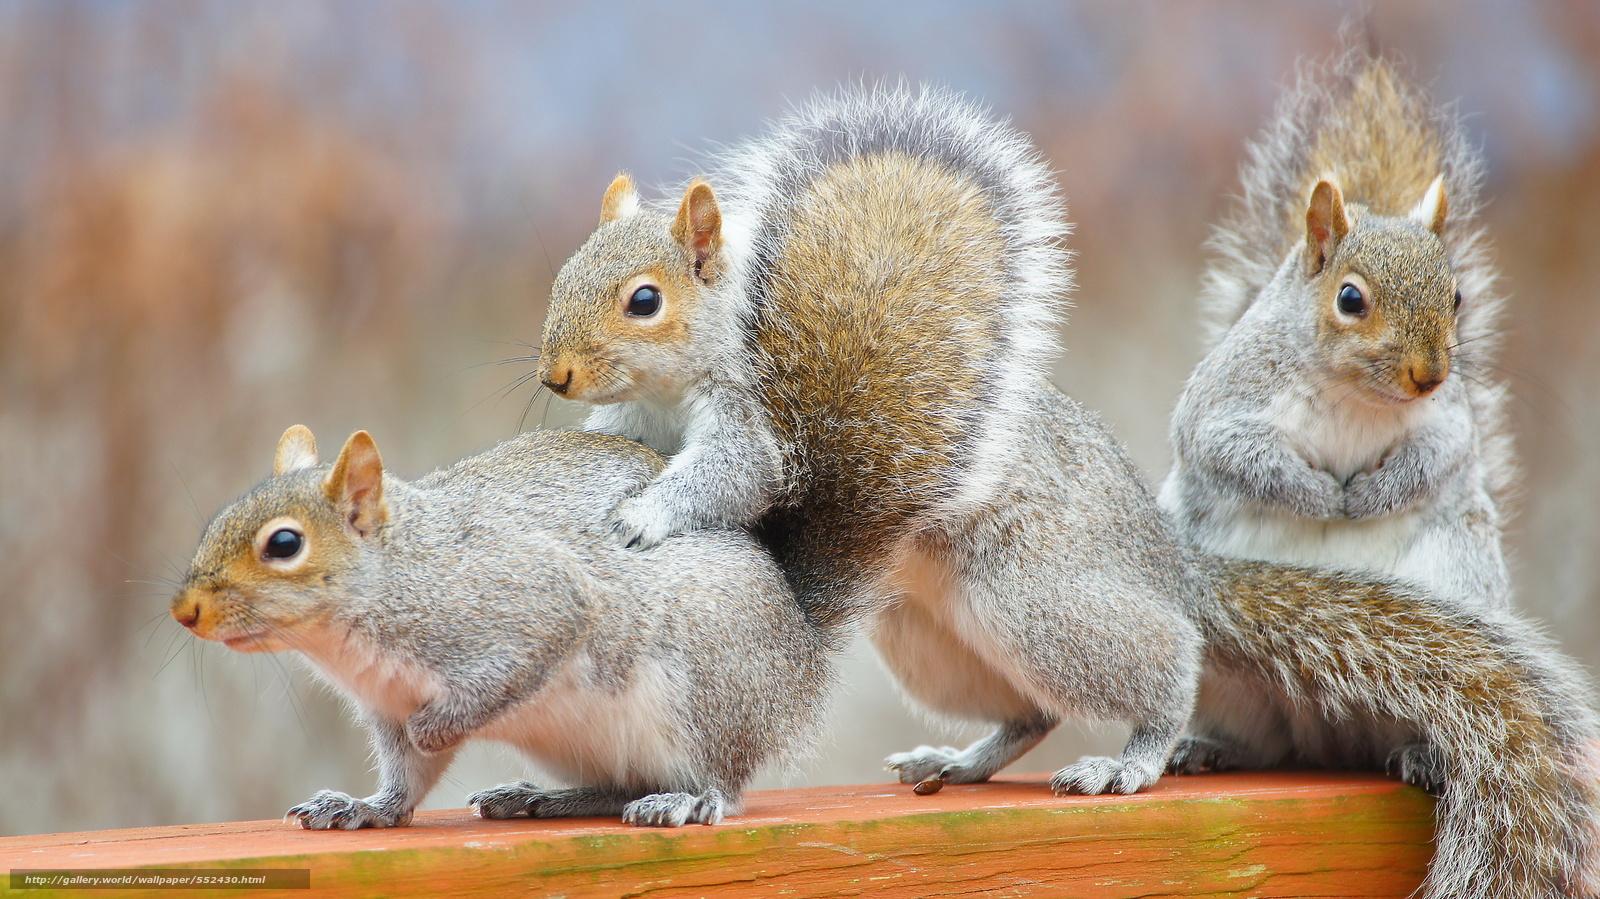 Скачать обои белки,  животные,  грызуны бесплатно для рабочего стола в разрешении 4912x2760 — картинка №552430